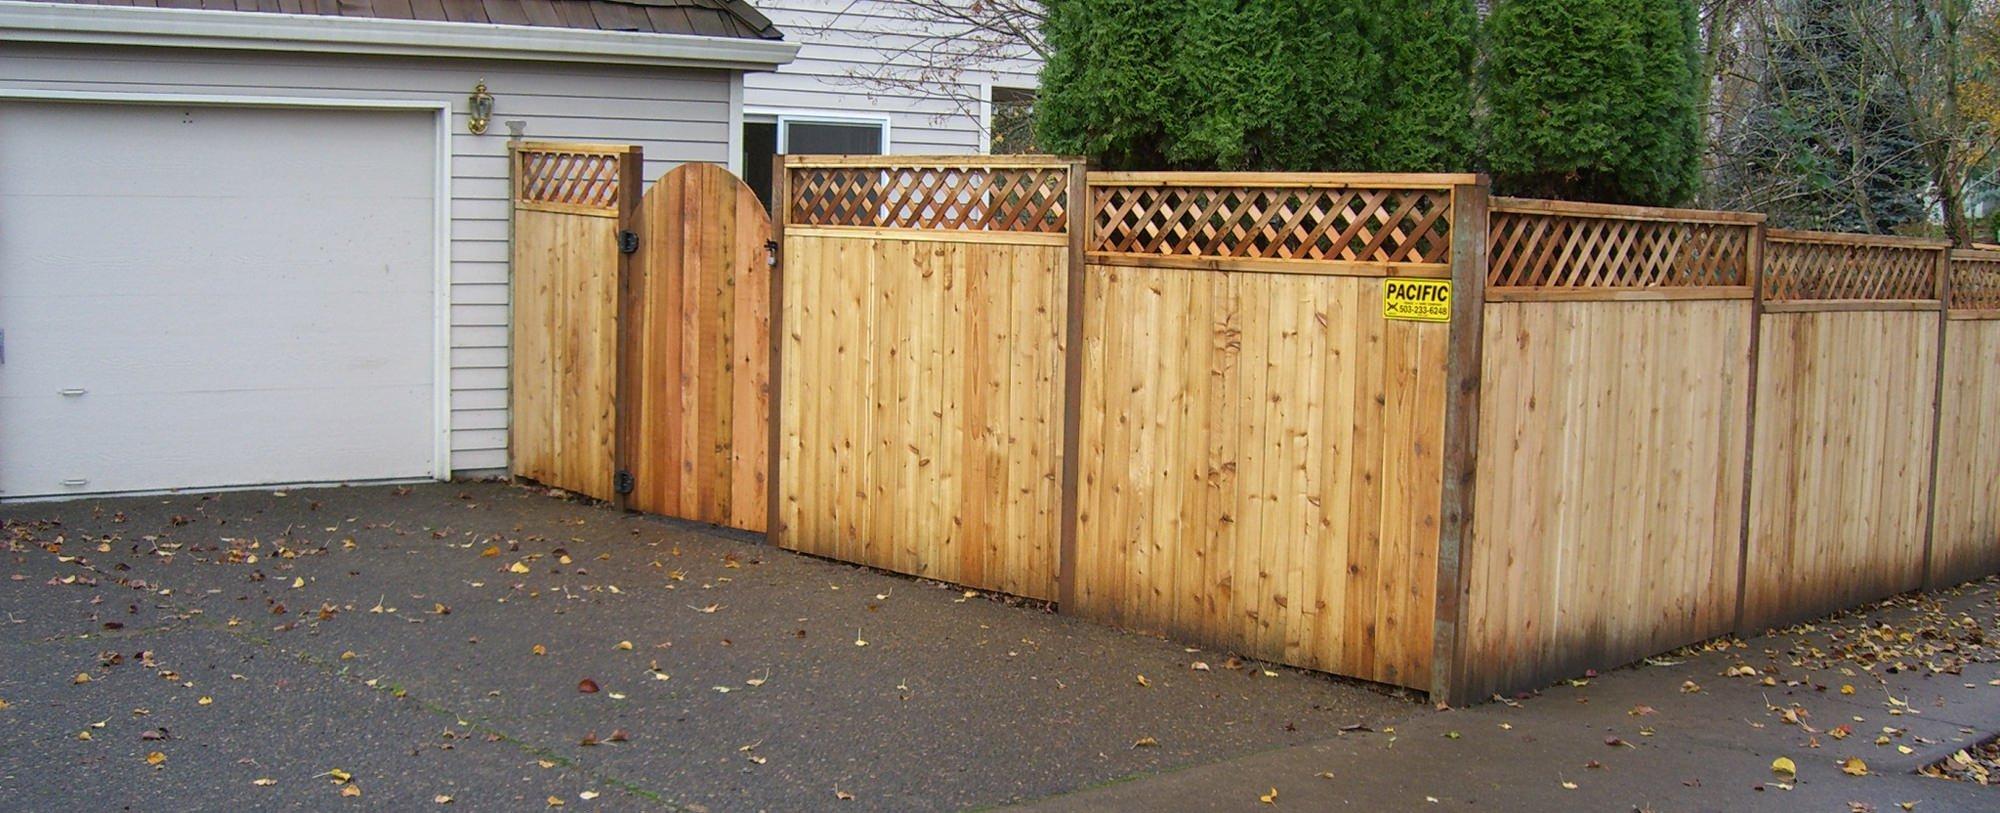 drivewa-fence